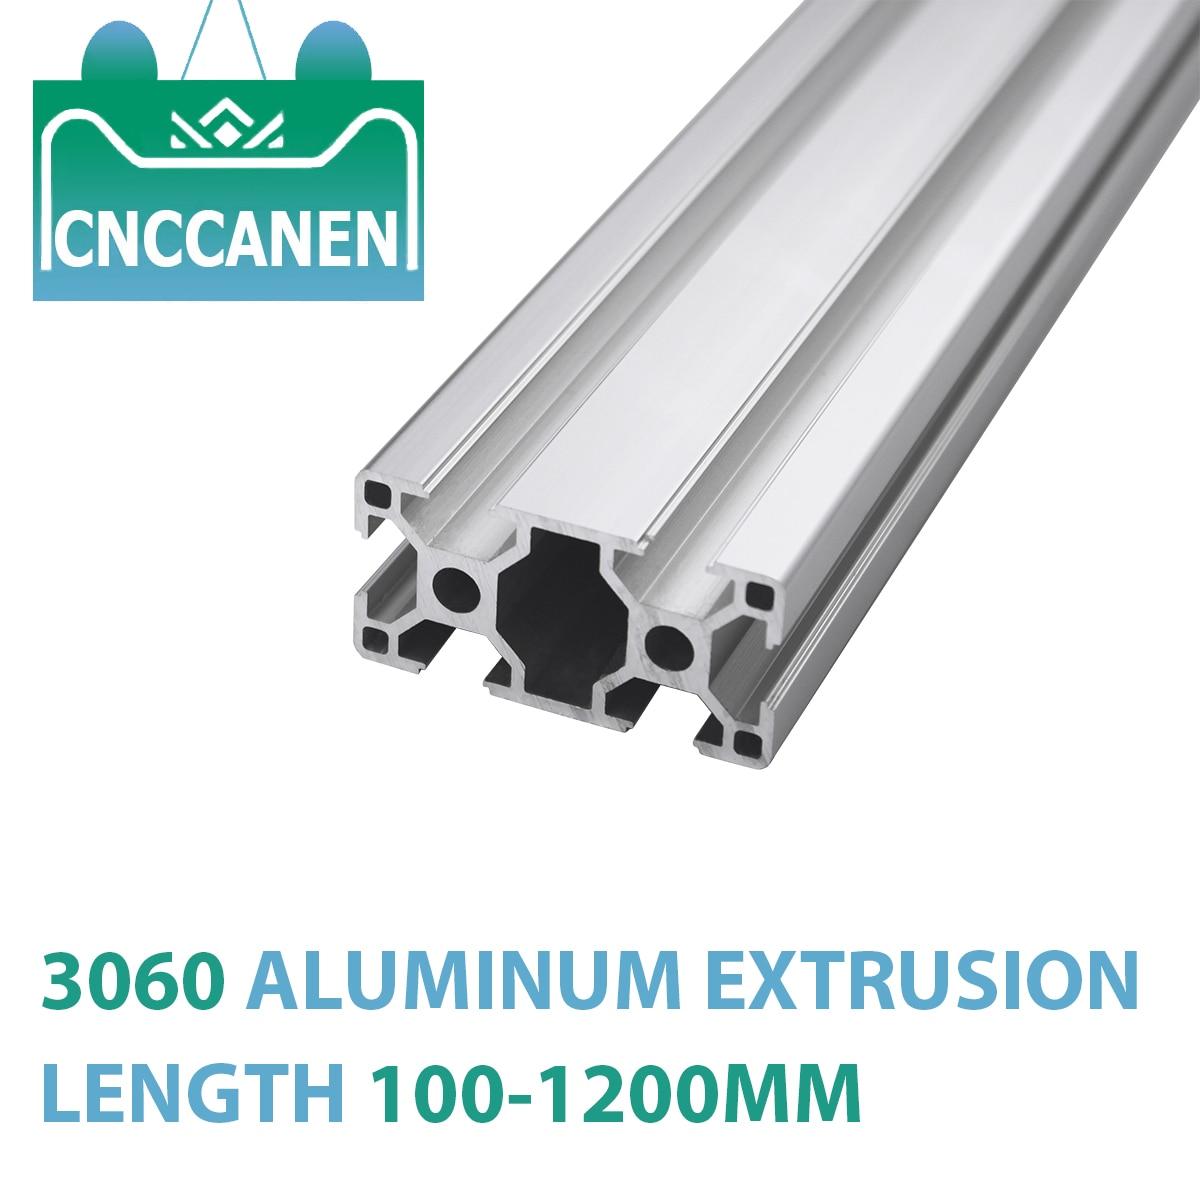 1 個 3060 アルミ異形押出 3060 100-1200 ミリメートルの長さヨーロッパ標準アルマイトリニアレールdiyのcnc 3Dプリンタ部品